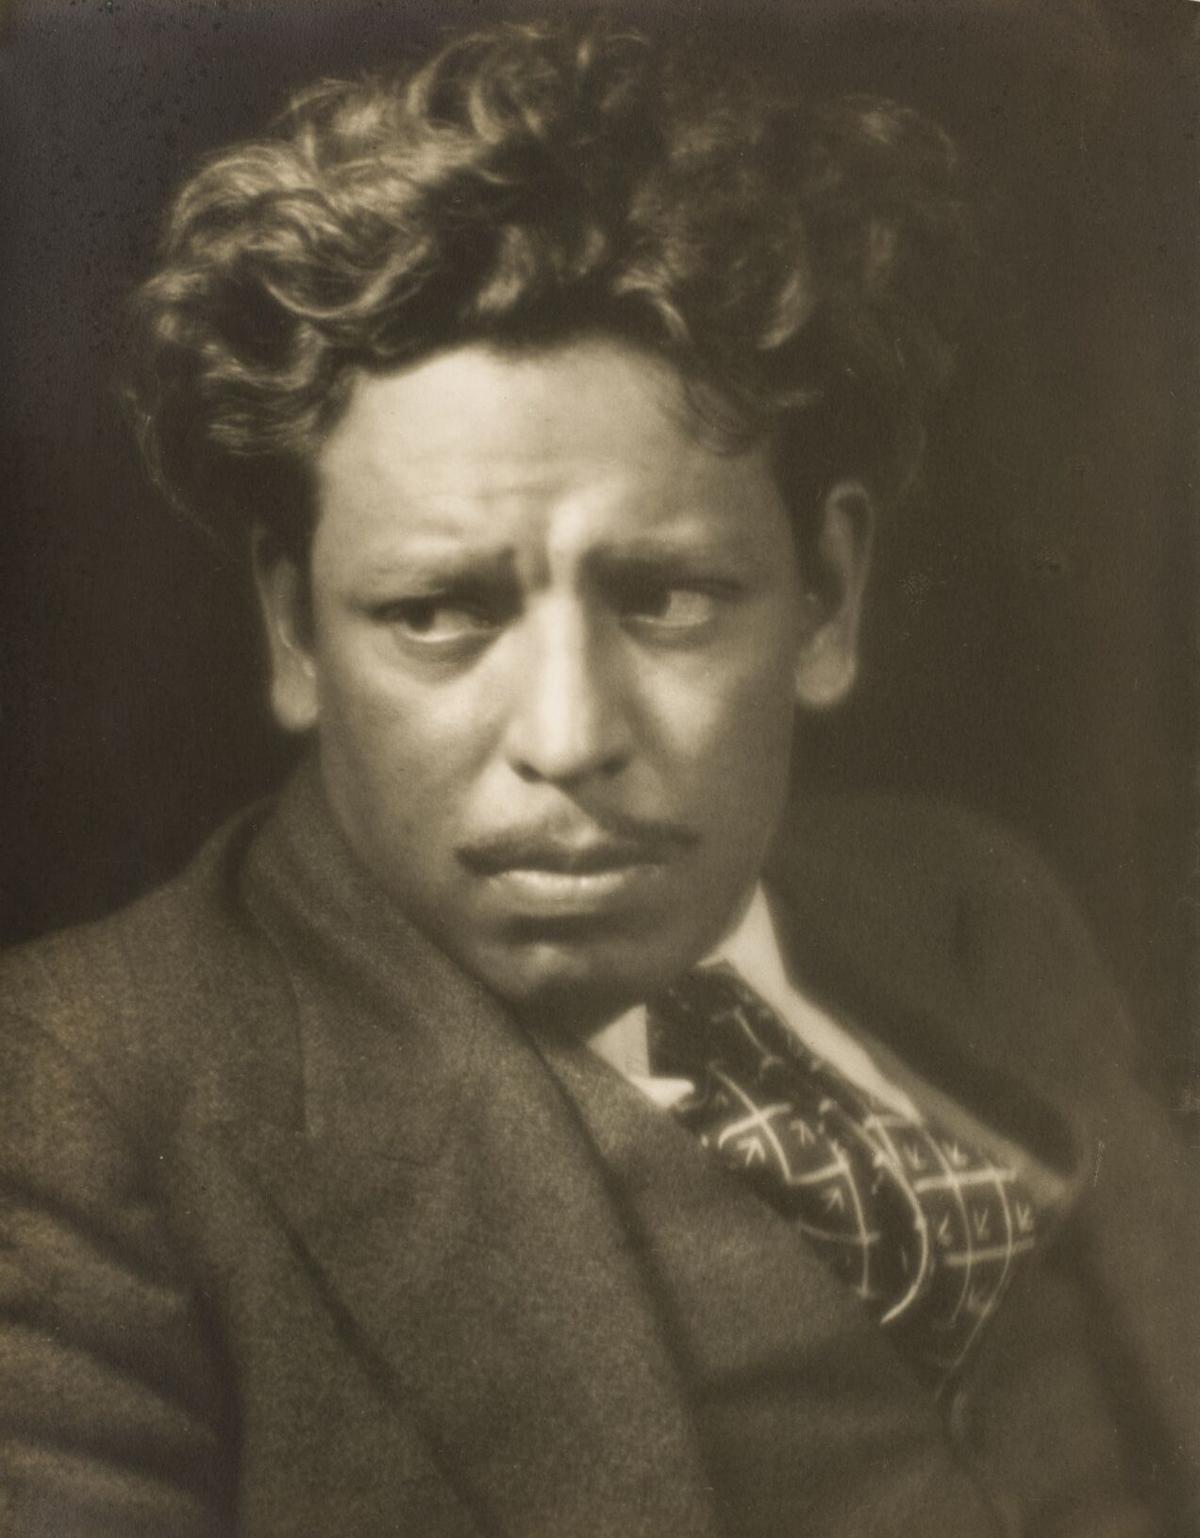 Portrait of Enrique Alferez